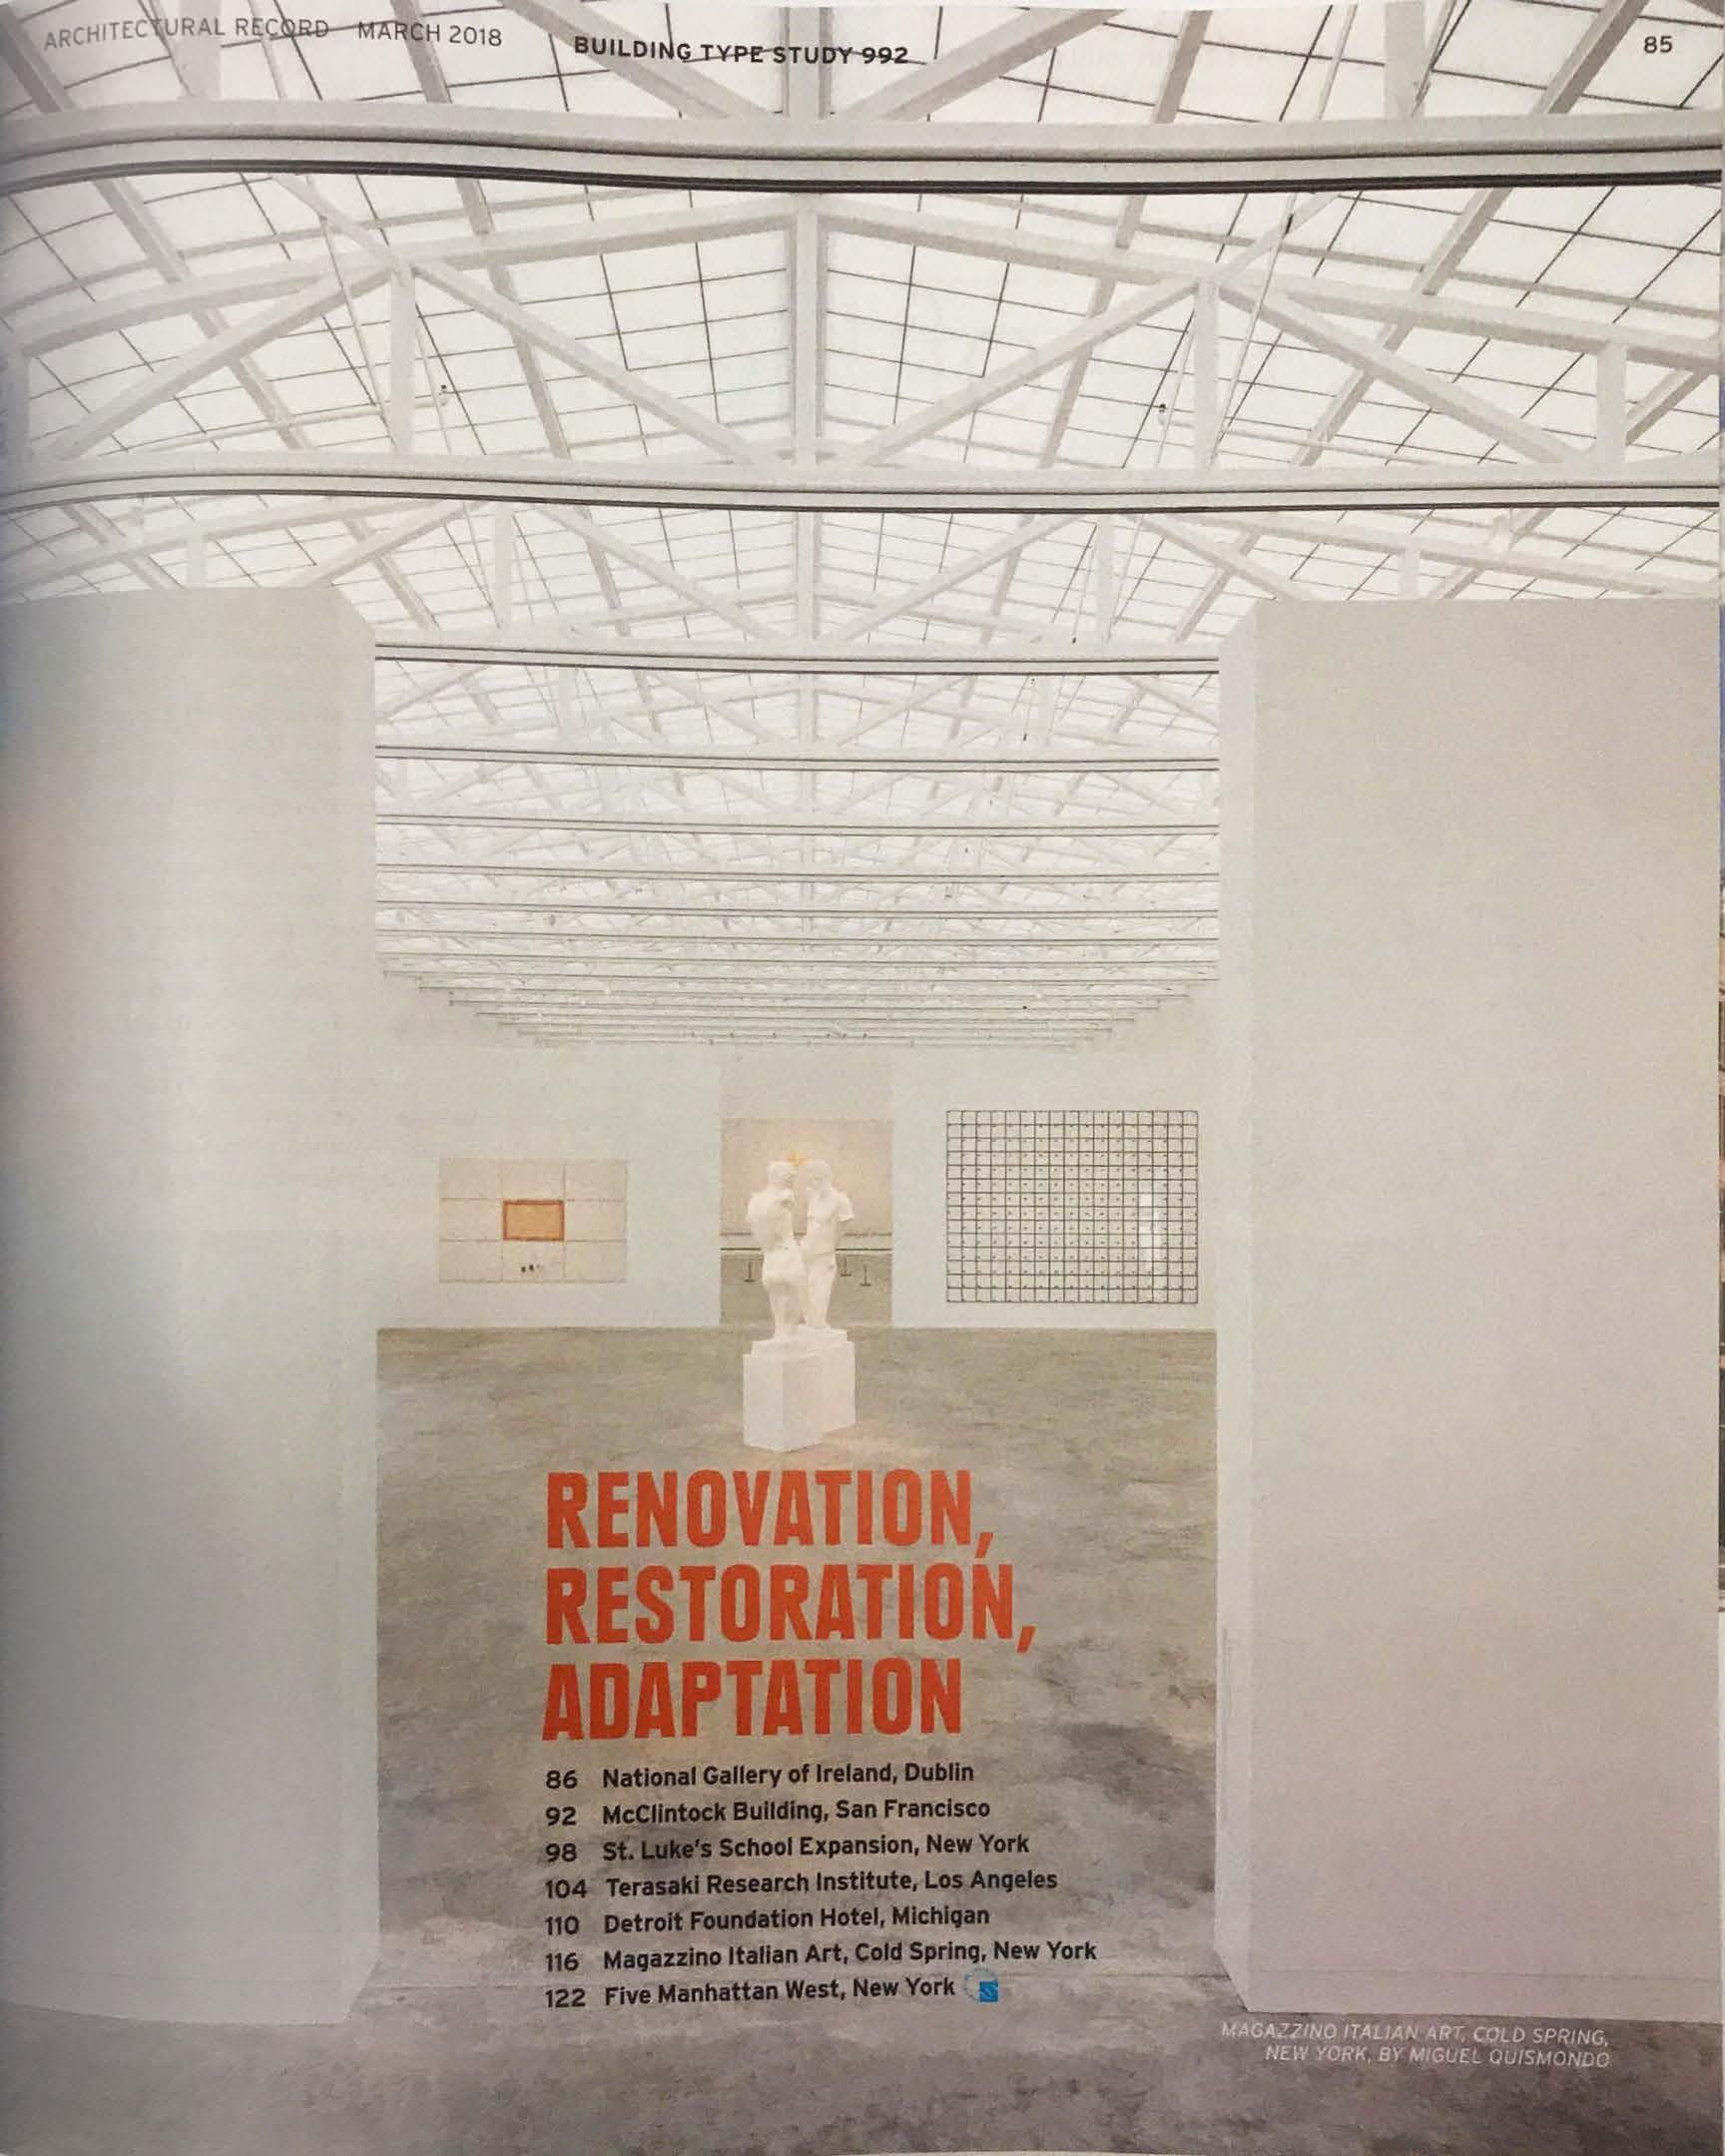 27 ARCHITECTURAL RECORD magazzino_Page_1